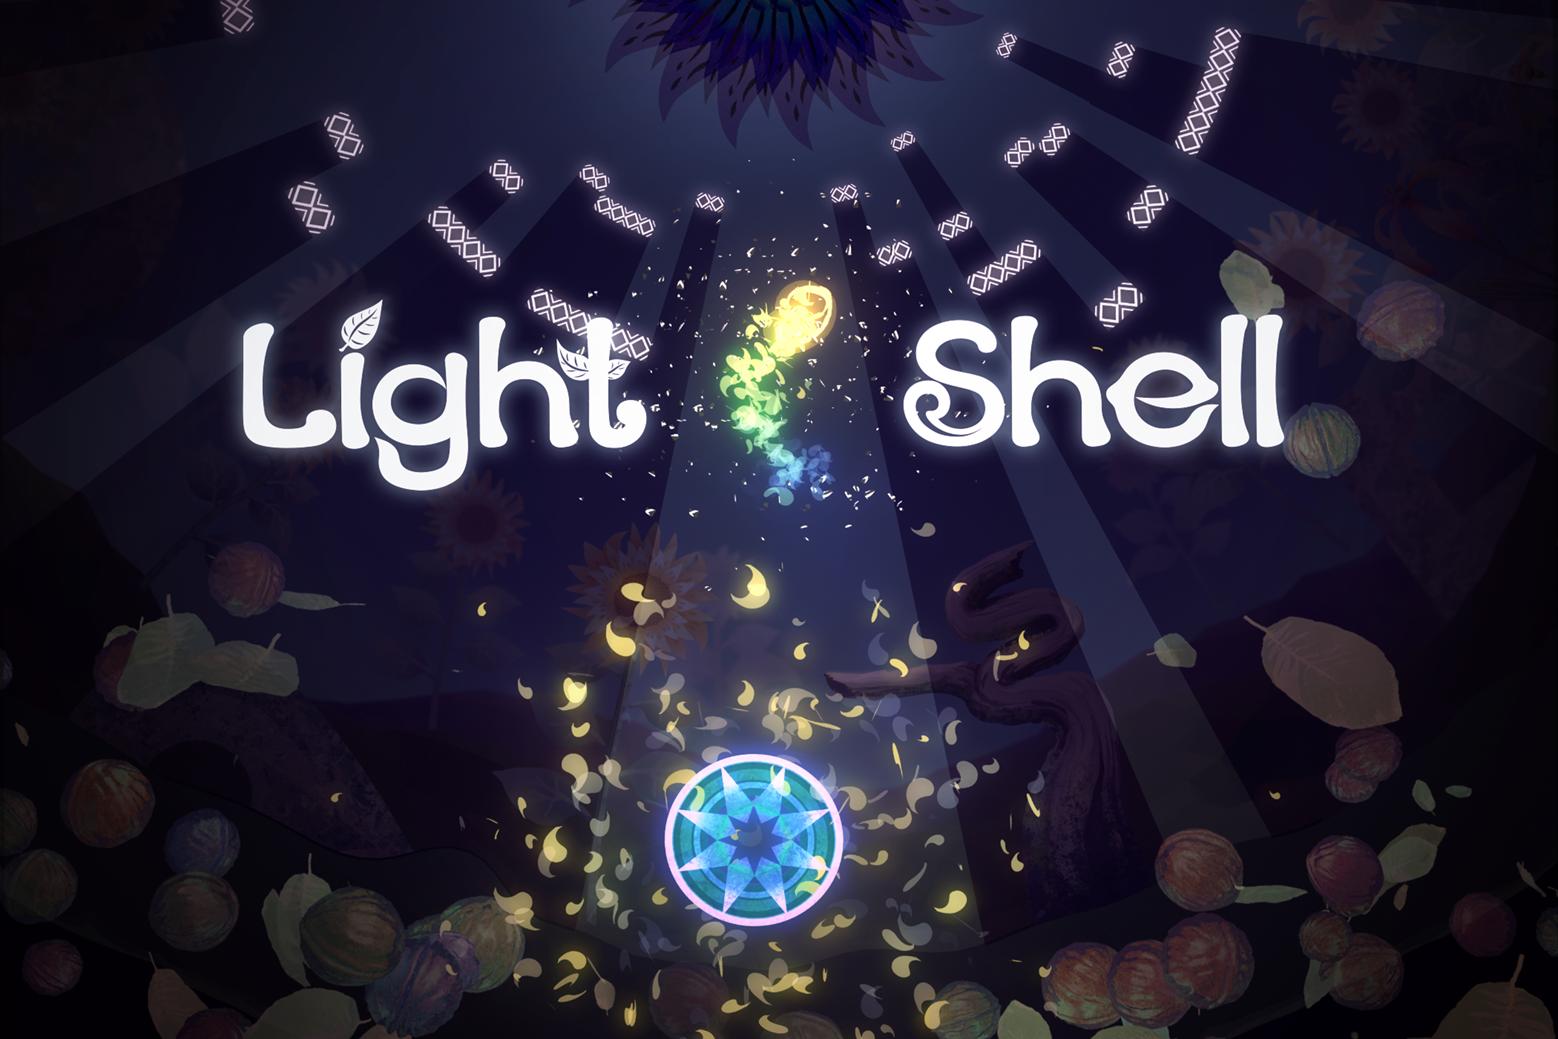 [MWU Korea 2019] Light Shell / From Springfield